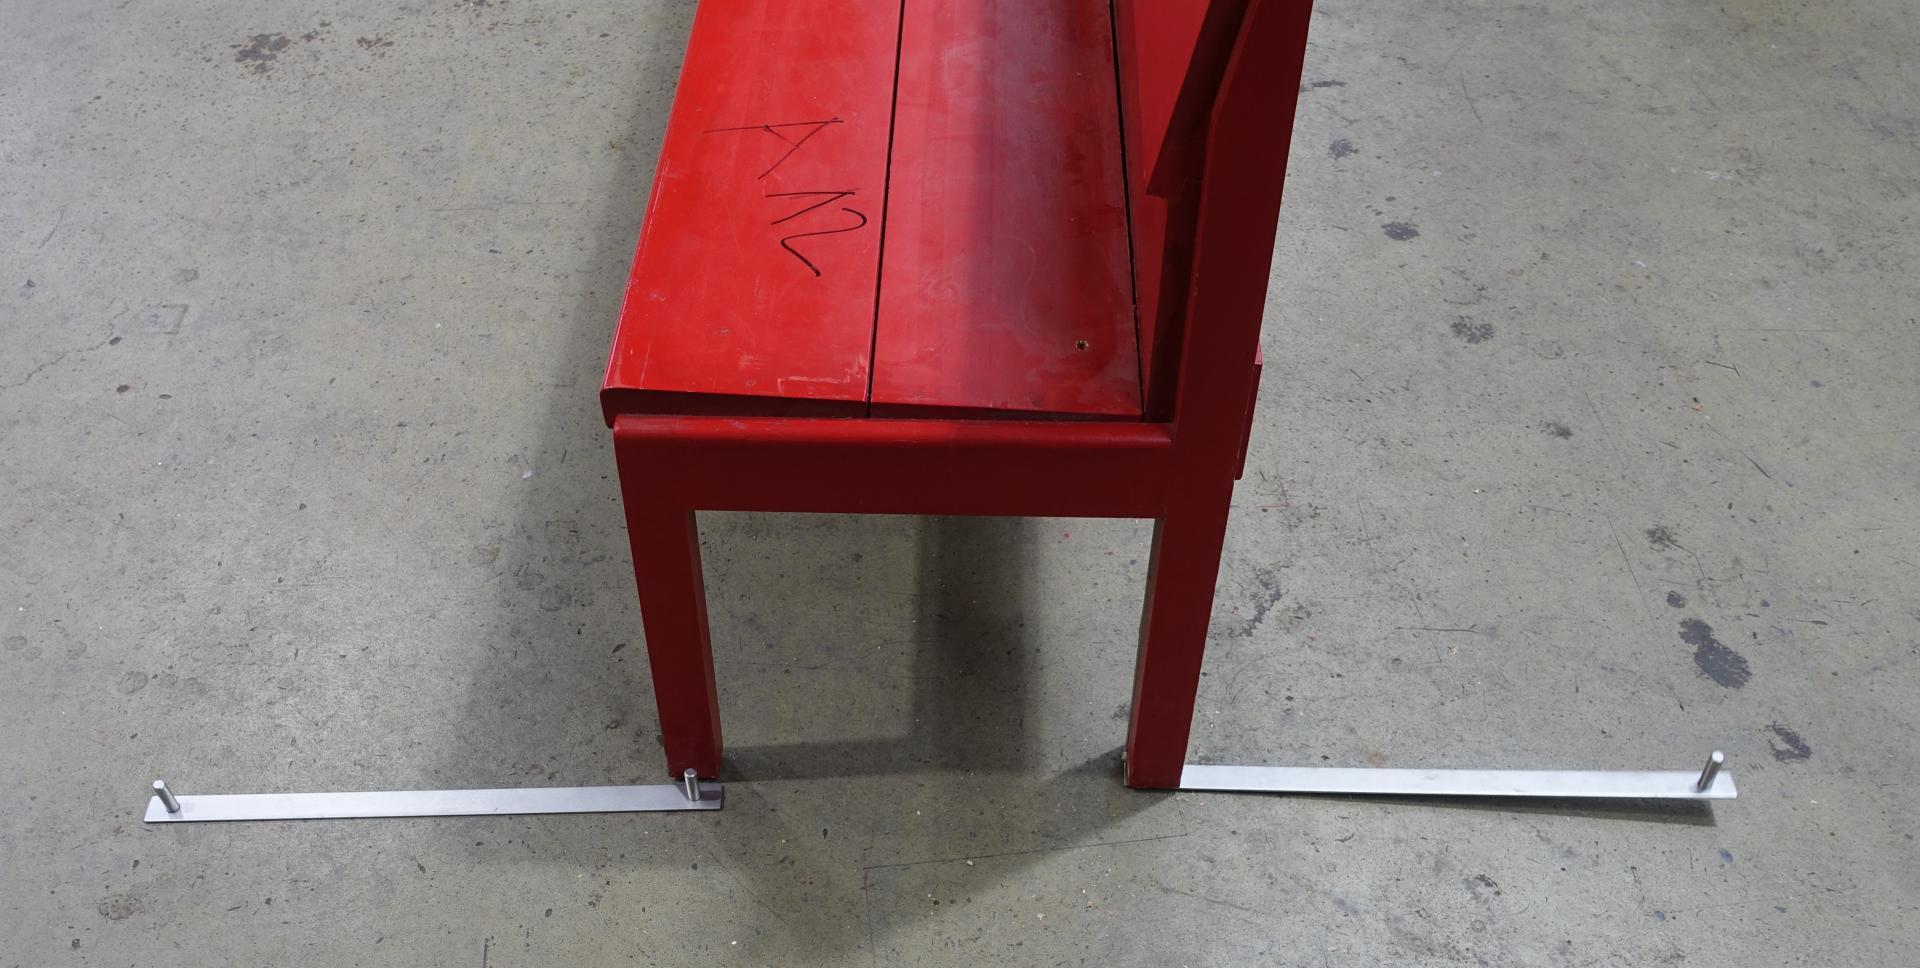 Bild 160 zeigt die Stahlschiene, die vordere und hintere Bank verbindet.